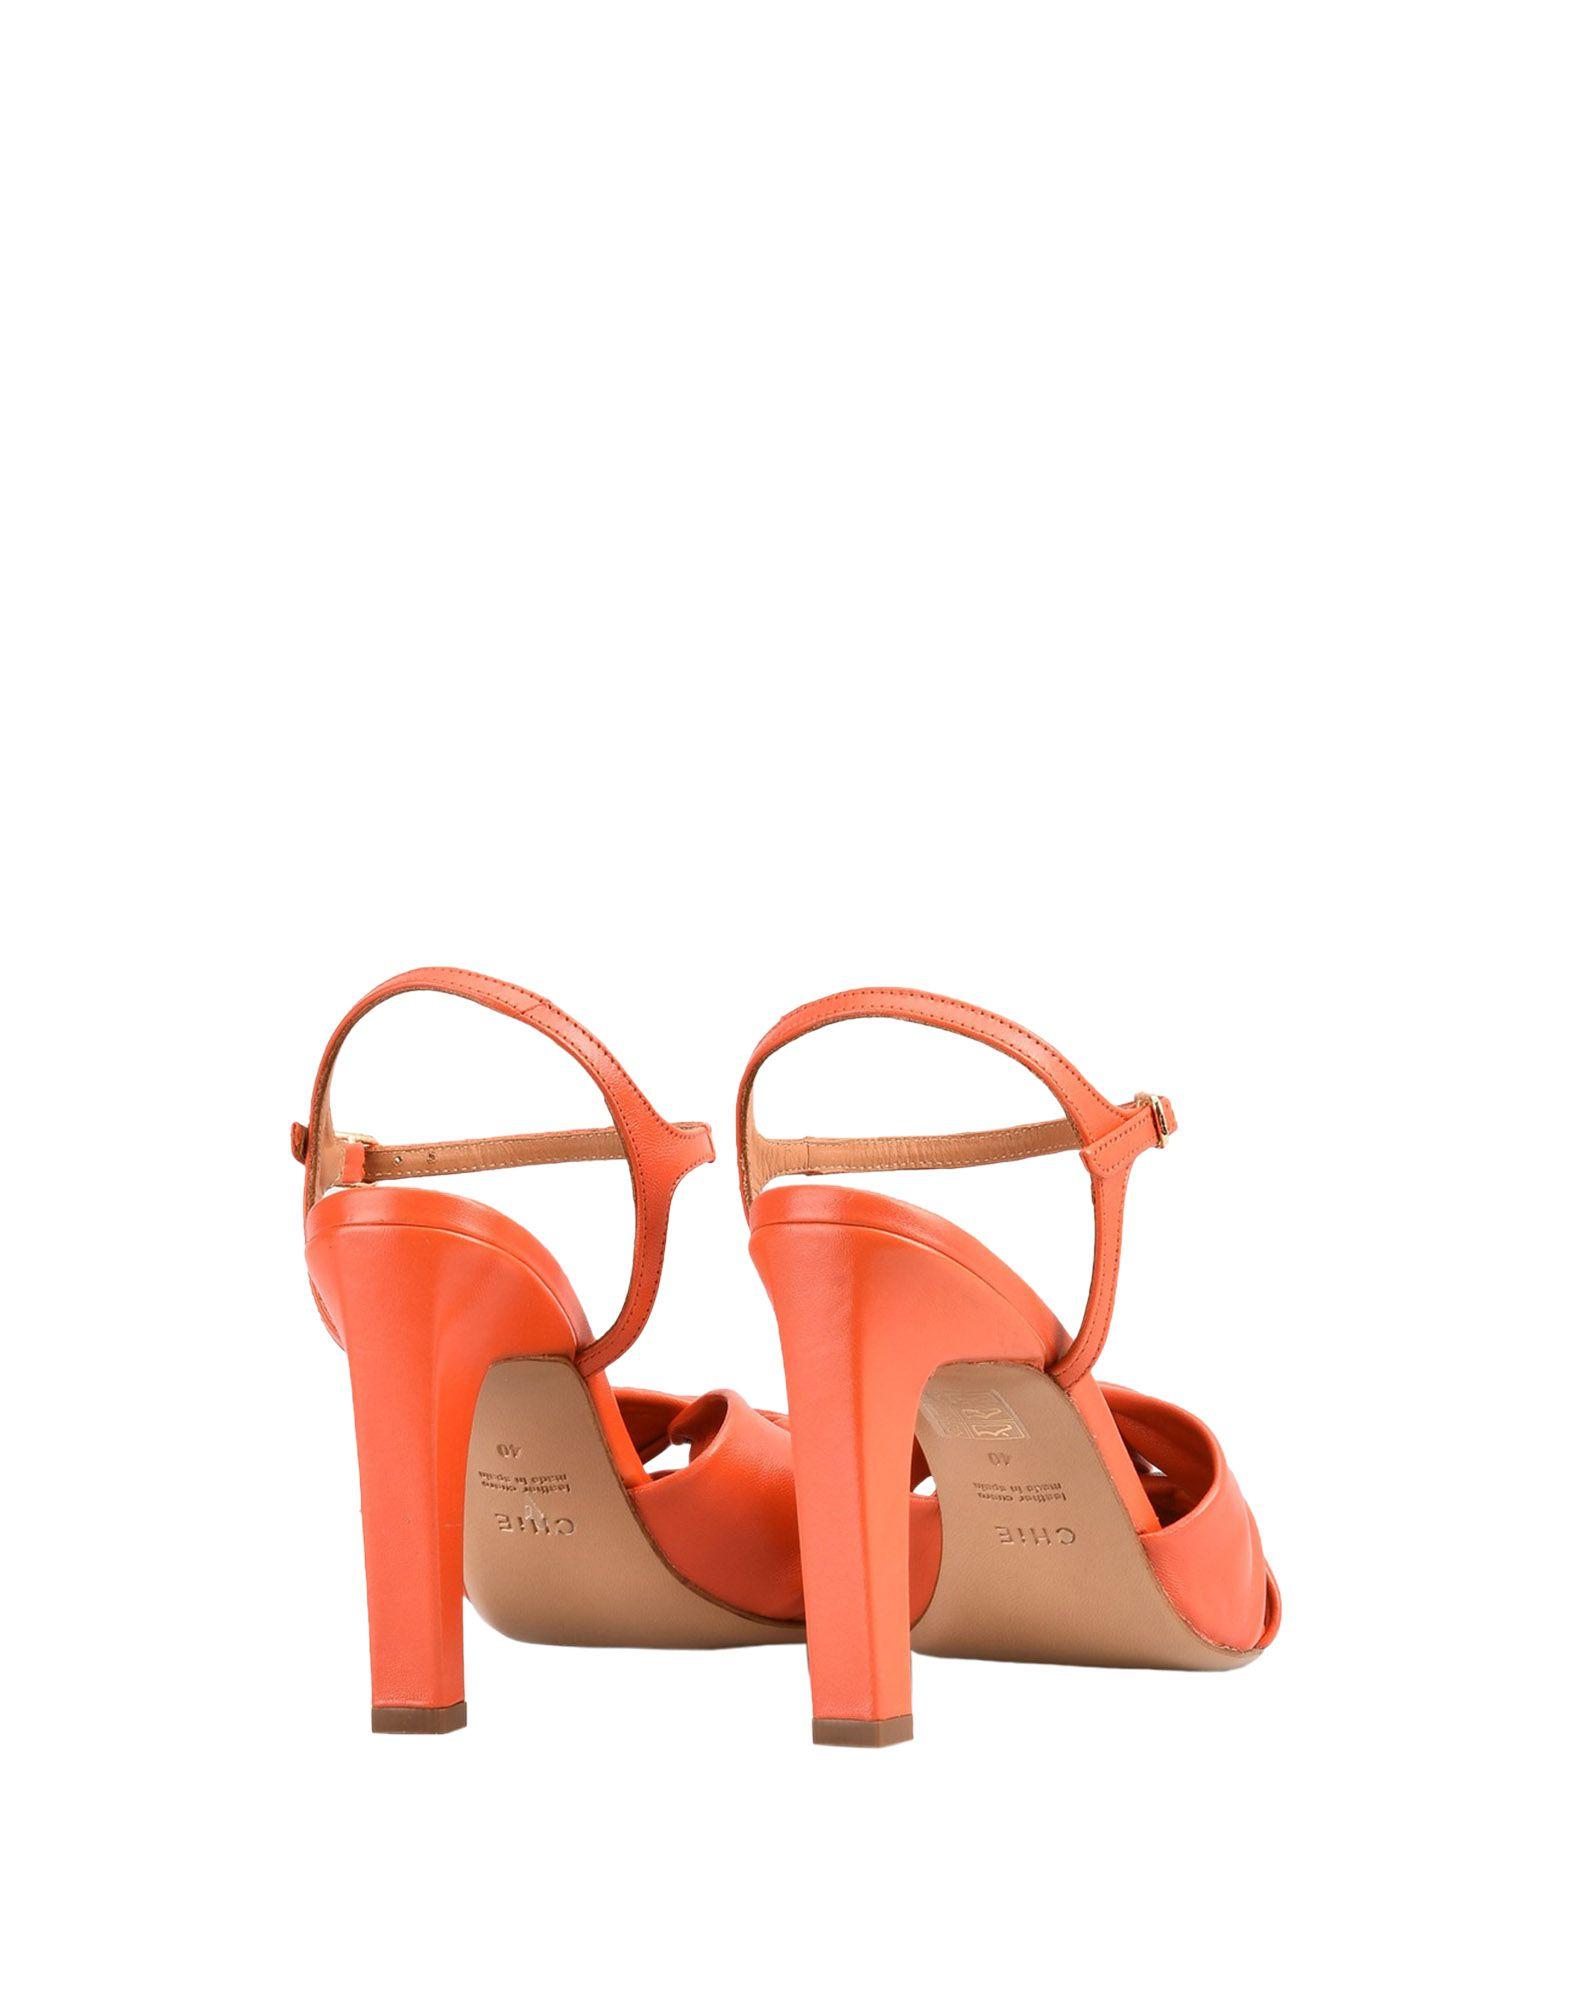 Chie By Chie Mihara Chie_Milon1 Schuhe  11213707SOGut aussehende strapazierfähige Schuhe Chie_Milon1 c41ce3